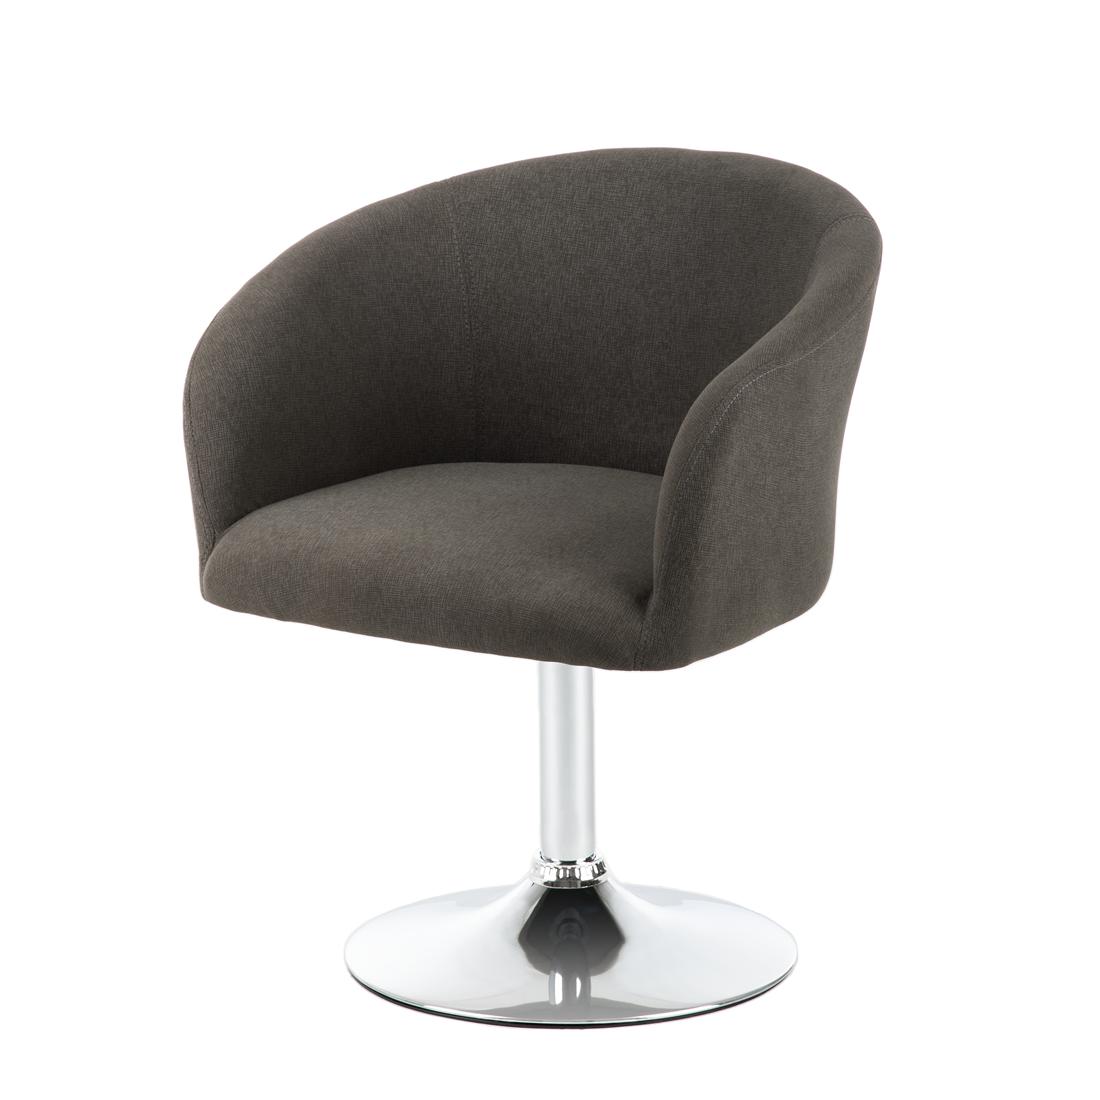 loungesessel drehsessel. Black Bedroom Furniture Sets. Home Design Ideas